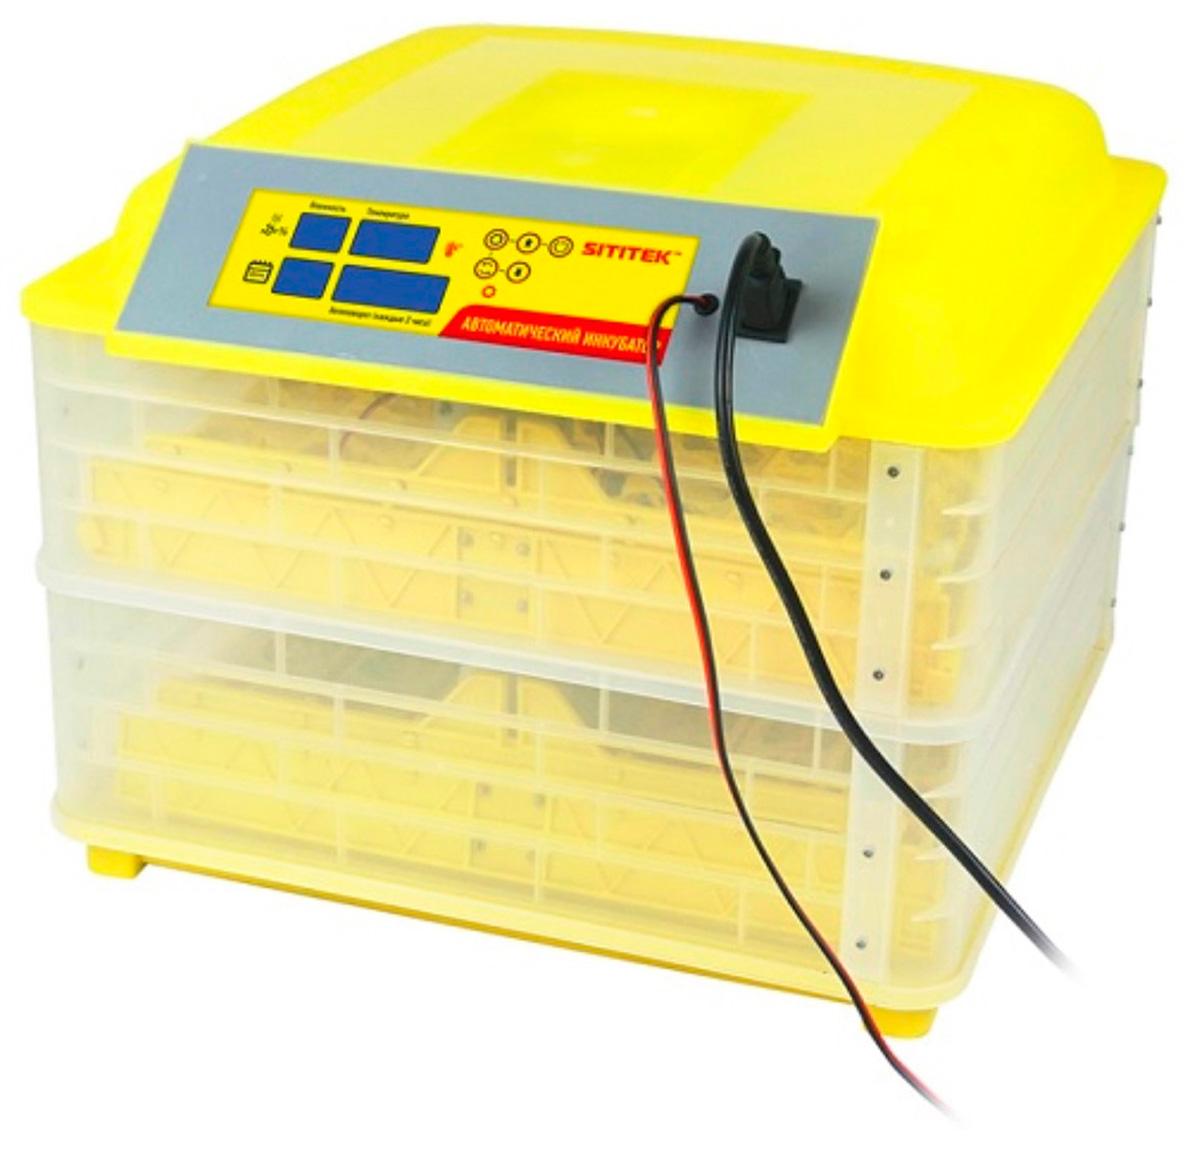 Инкубатор Sititek 112 автоматический с терморегулятором и гигрометром (1 шт)